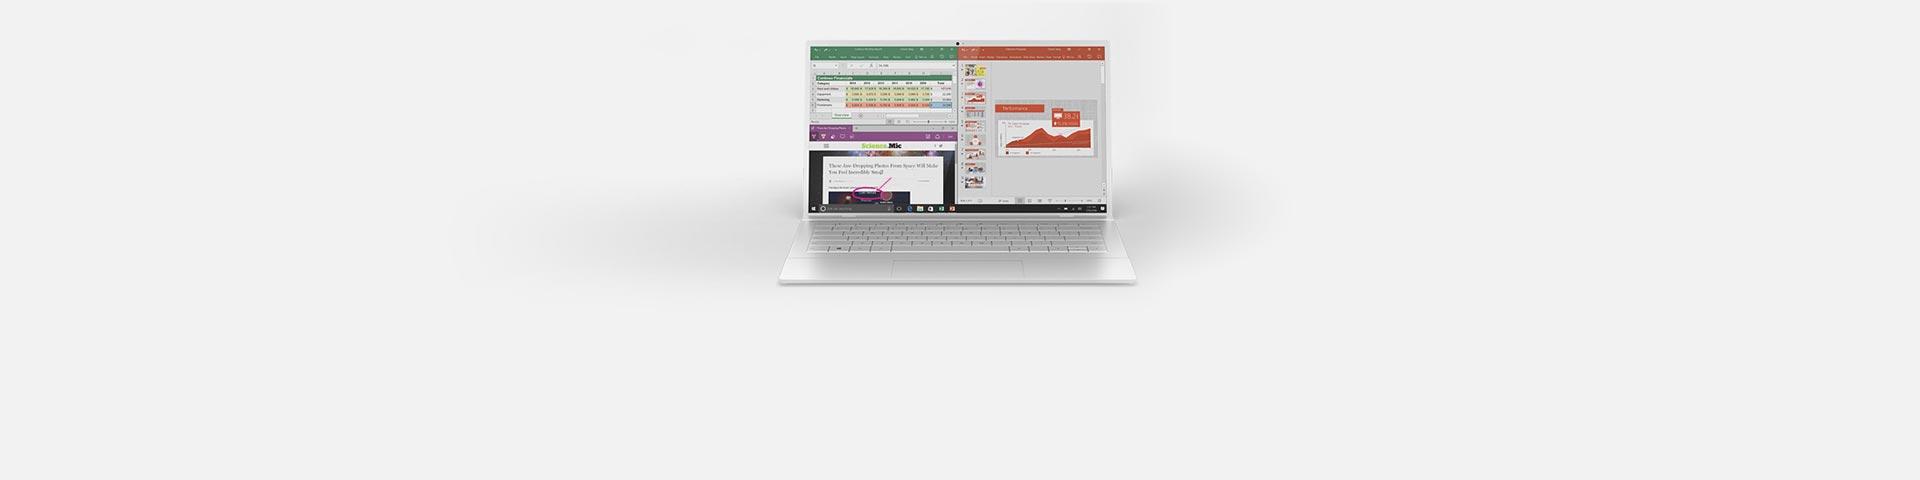 En laptop med Office-apper på skjermen